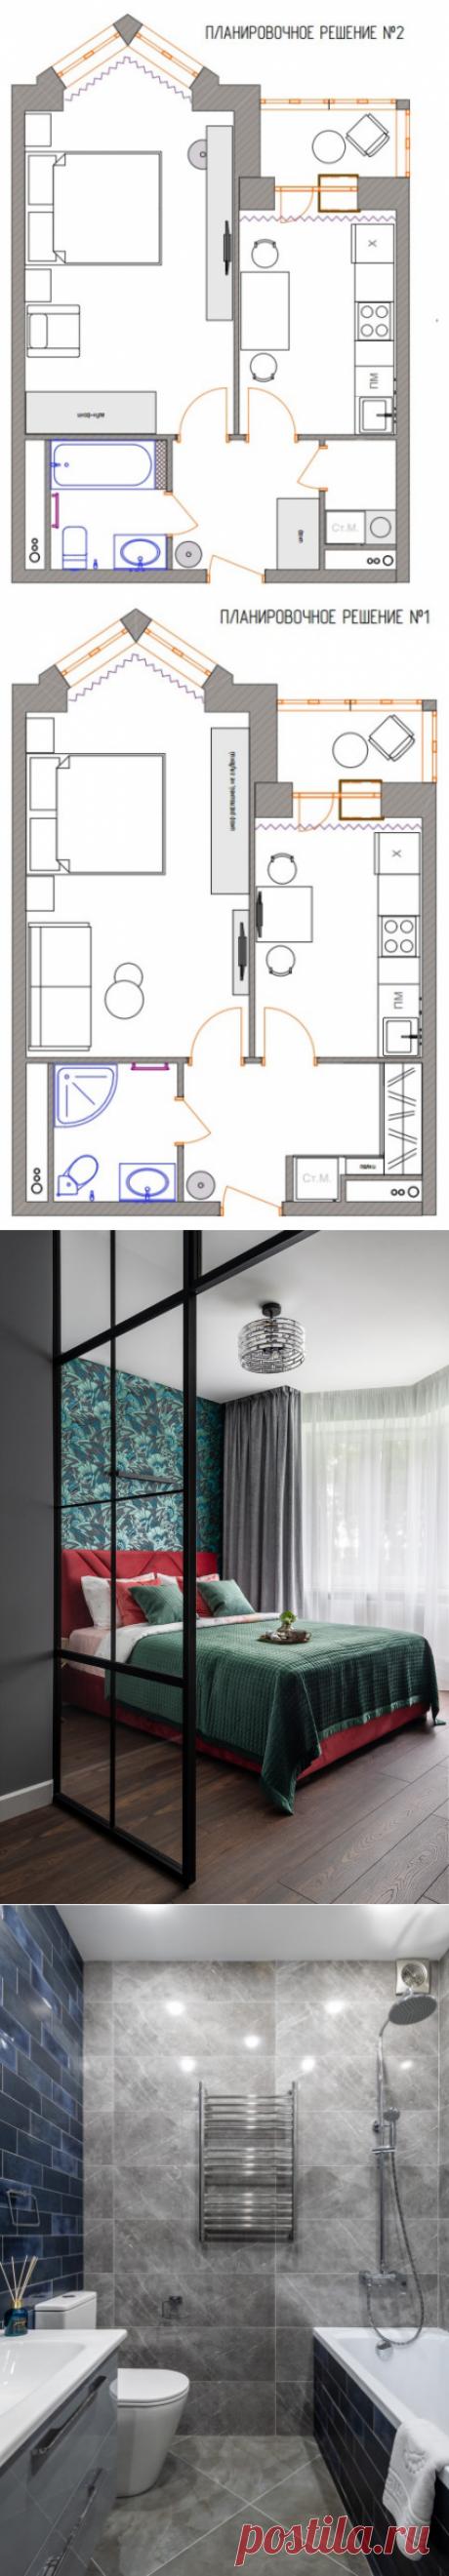 Планировка квартиры 38 кв м с кухней 8,5 кв м – 2 варианта с фото | Houzz Россия